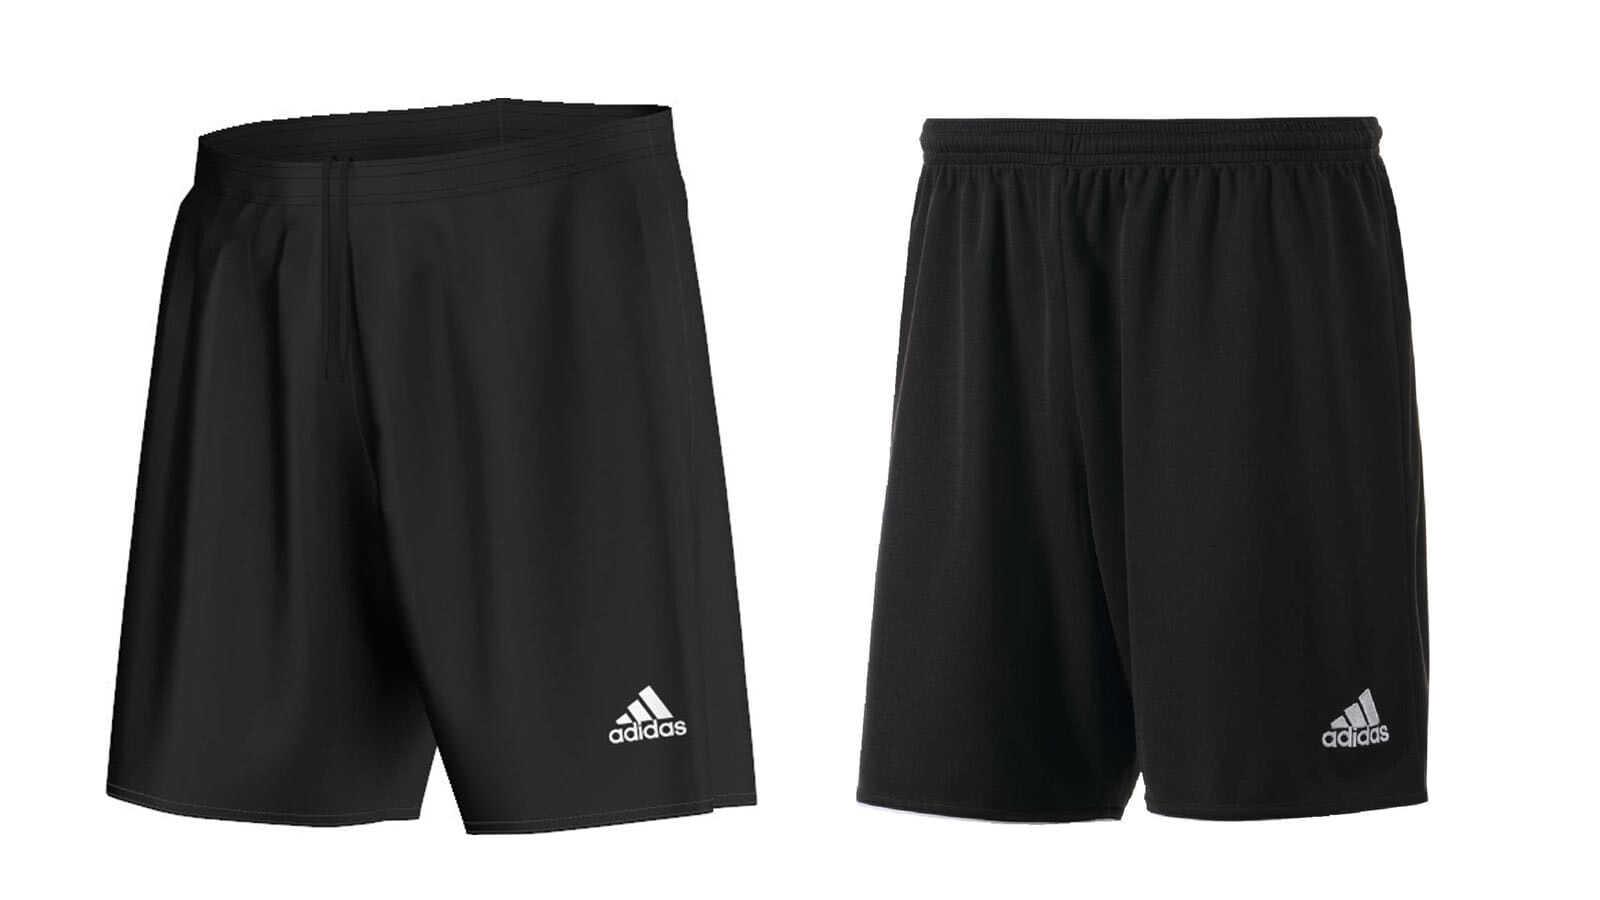 Parma 16 Der Sportartikel Short Und Fussballschuhe Adidas Vorteile gPWxa1W